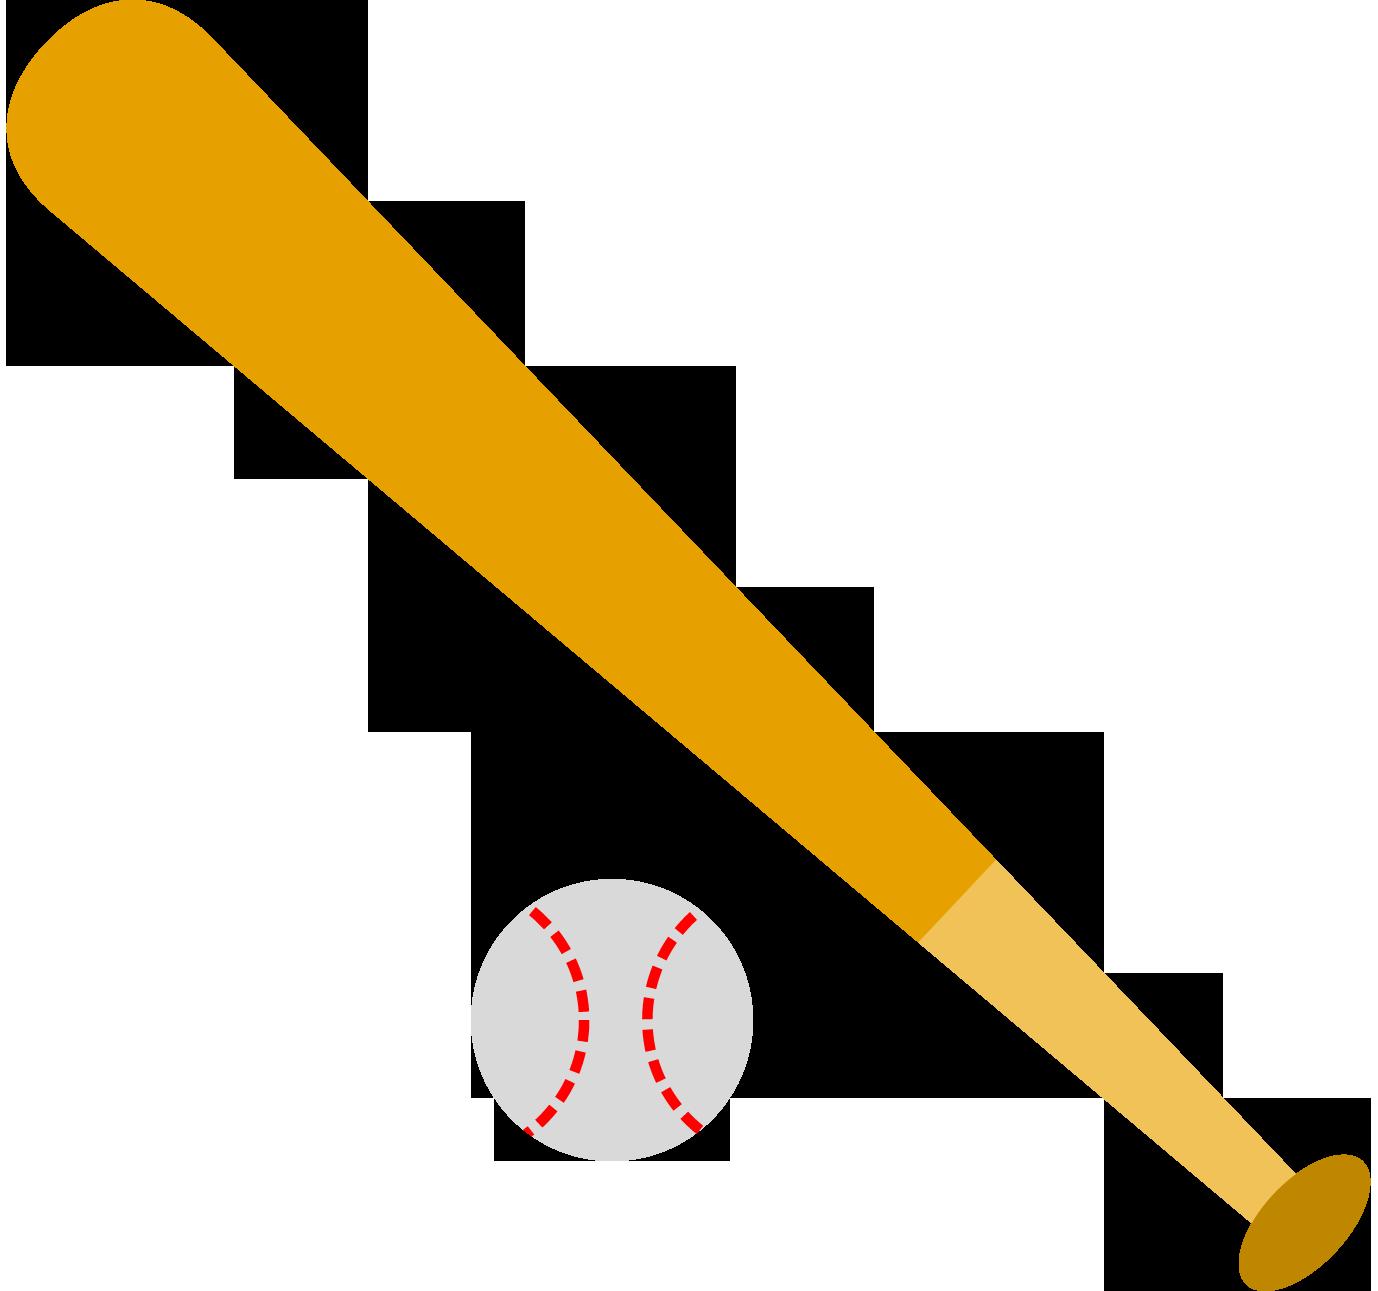 スポーツのイラスト・フリー素材|ダウンロード01【素材っち】